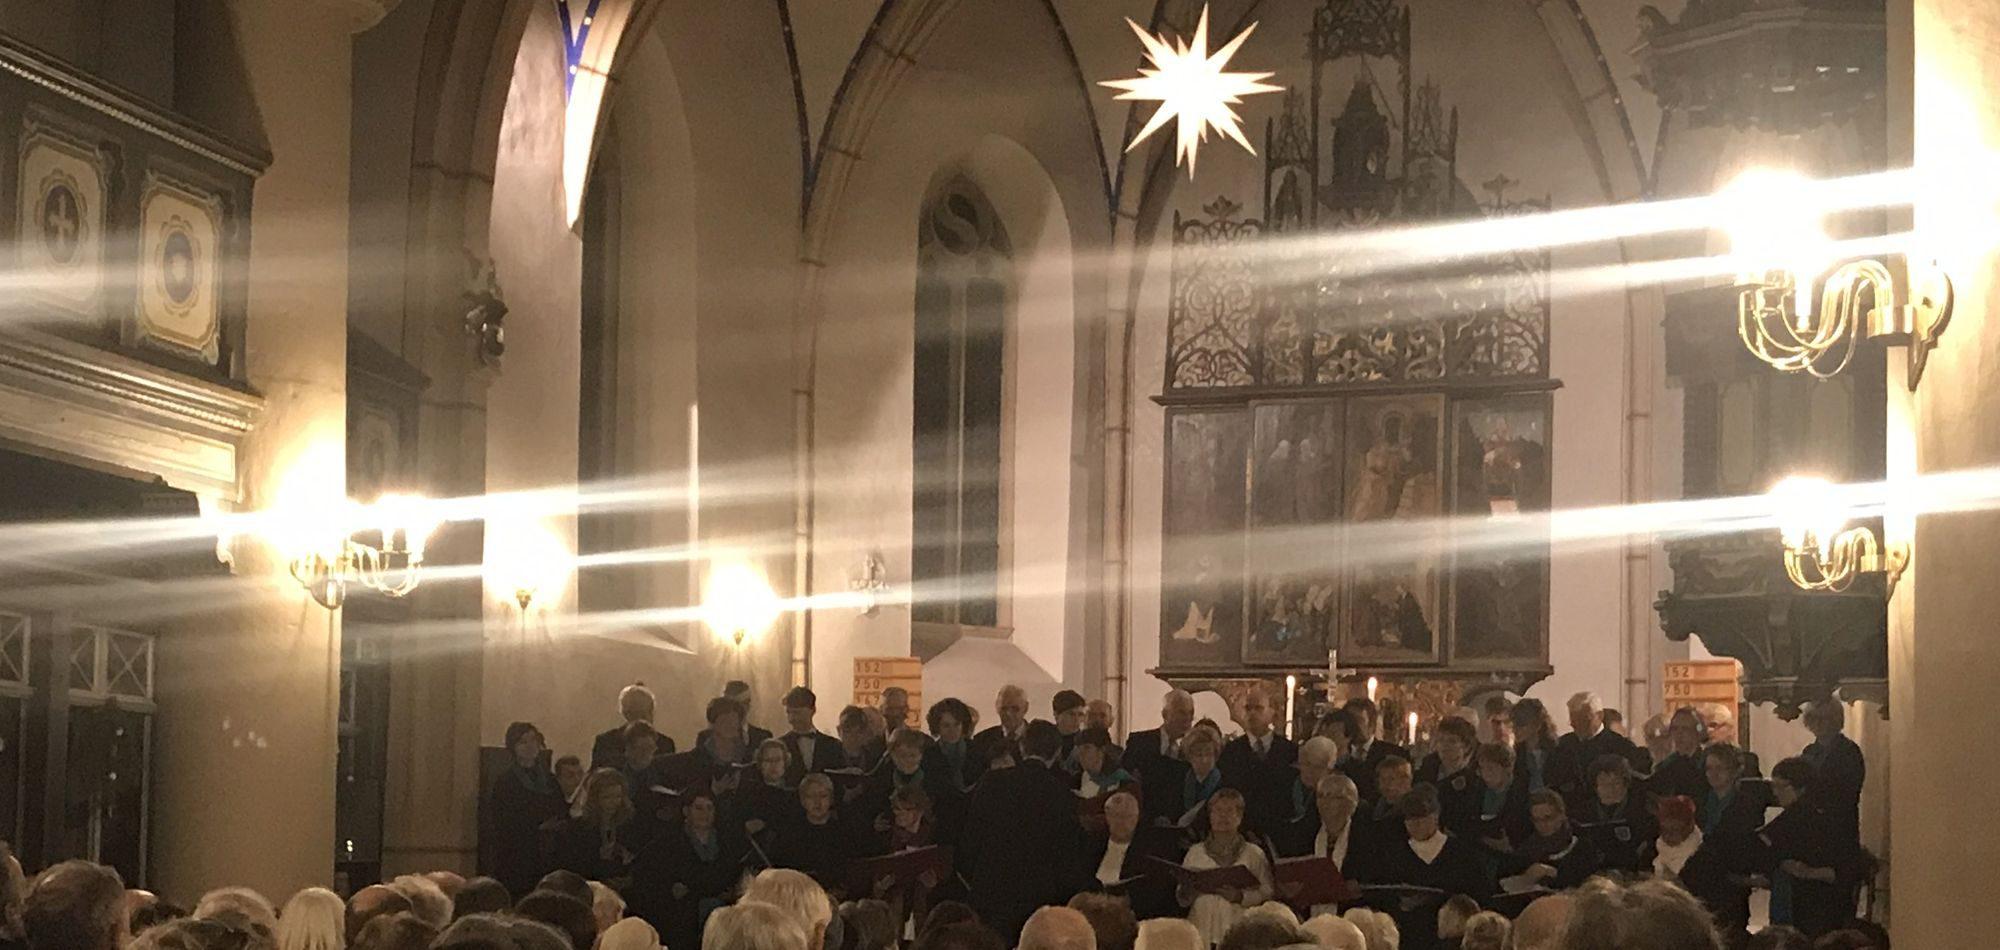 Konzert in der Kirche am 2. Advent